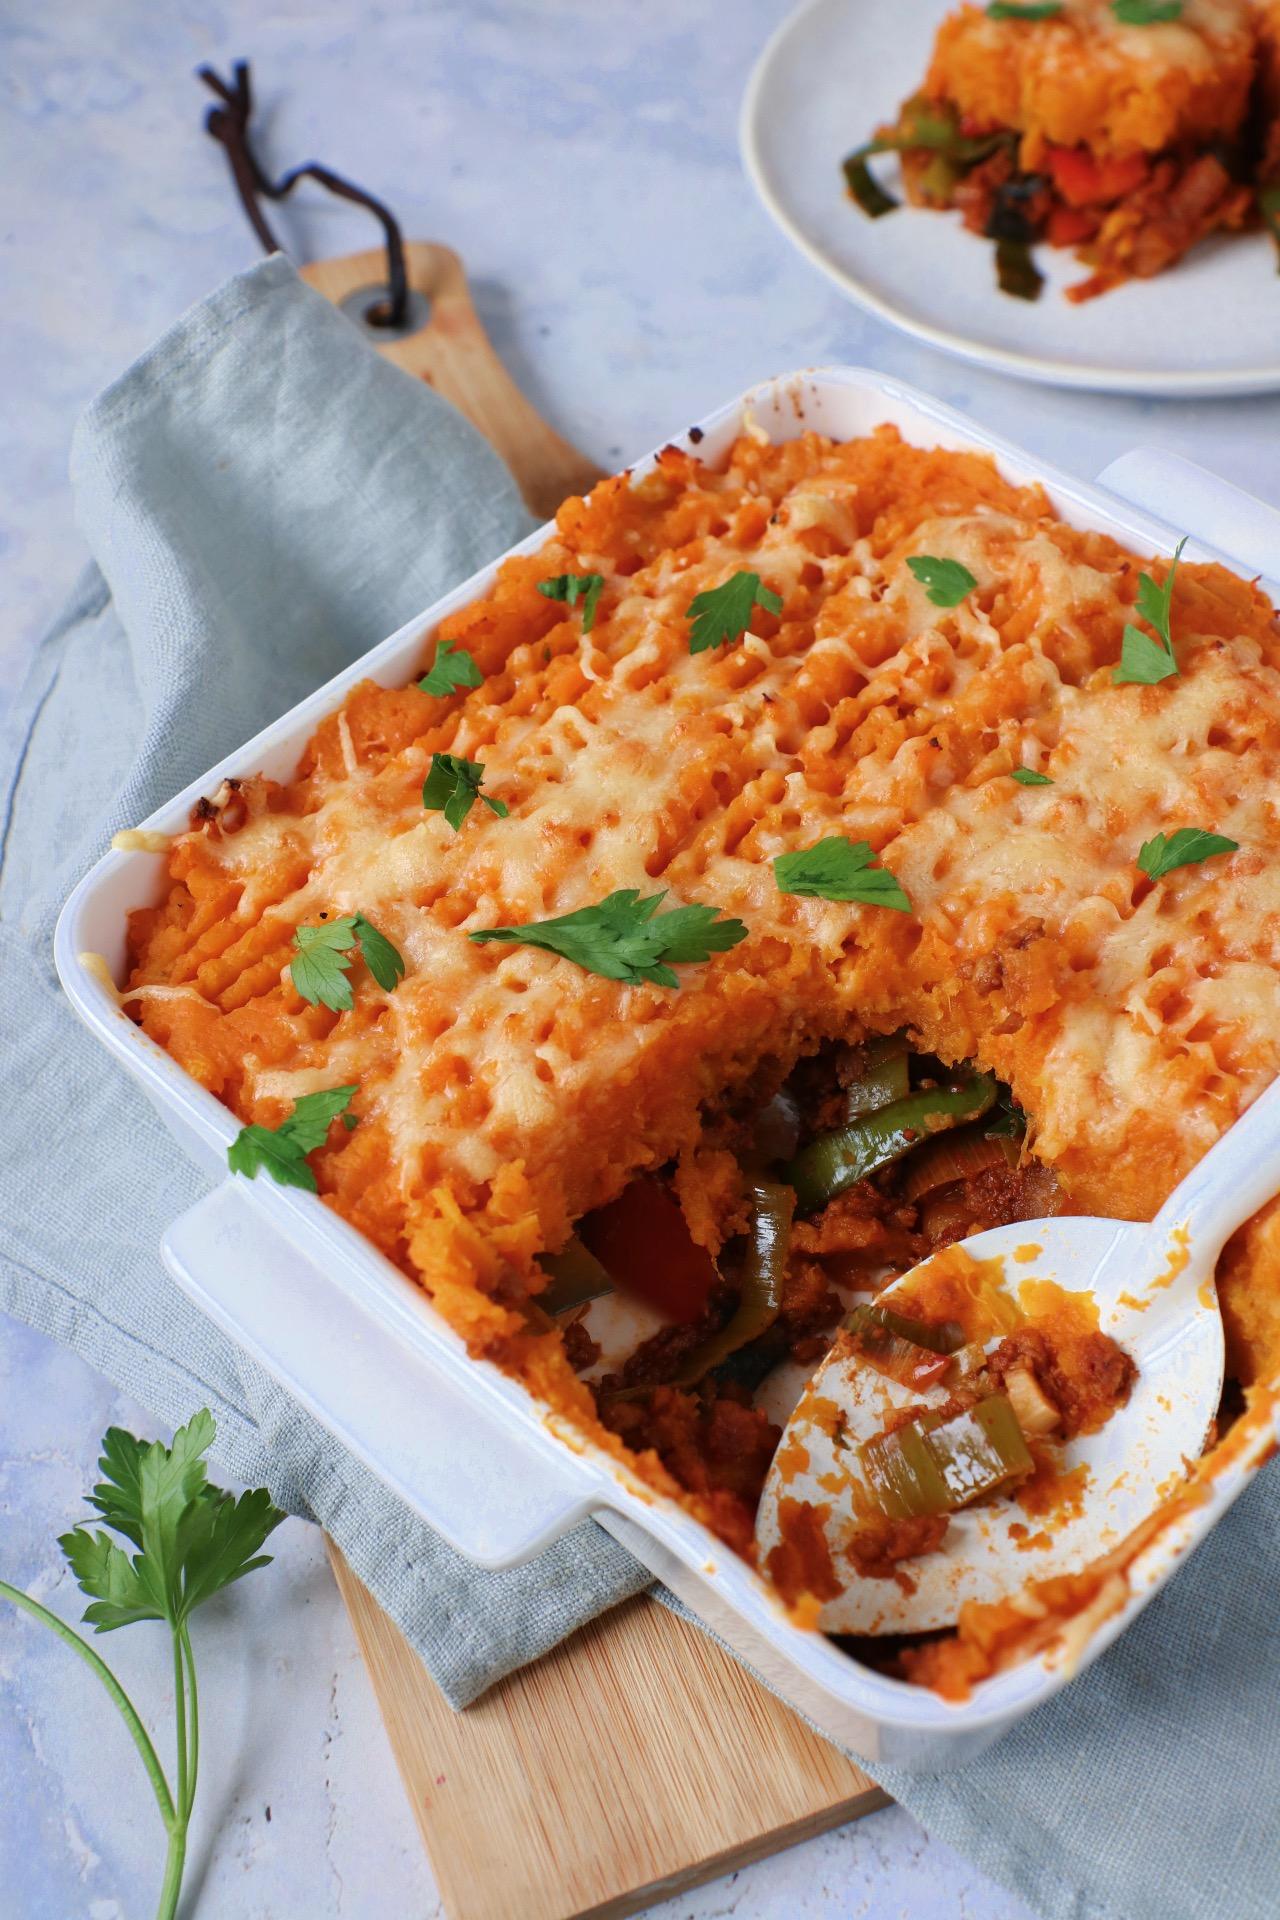 Ovenschotel met zoete aardappel, (vega) gehakt, prei en paprika www.jaimyskitchen.nl